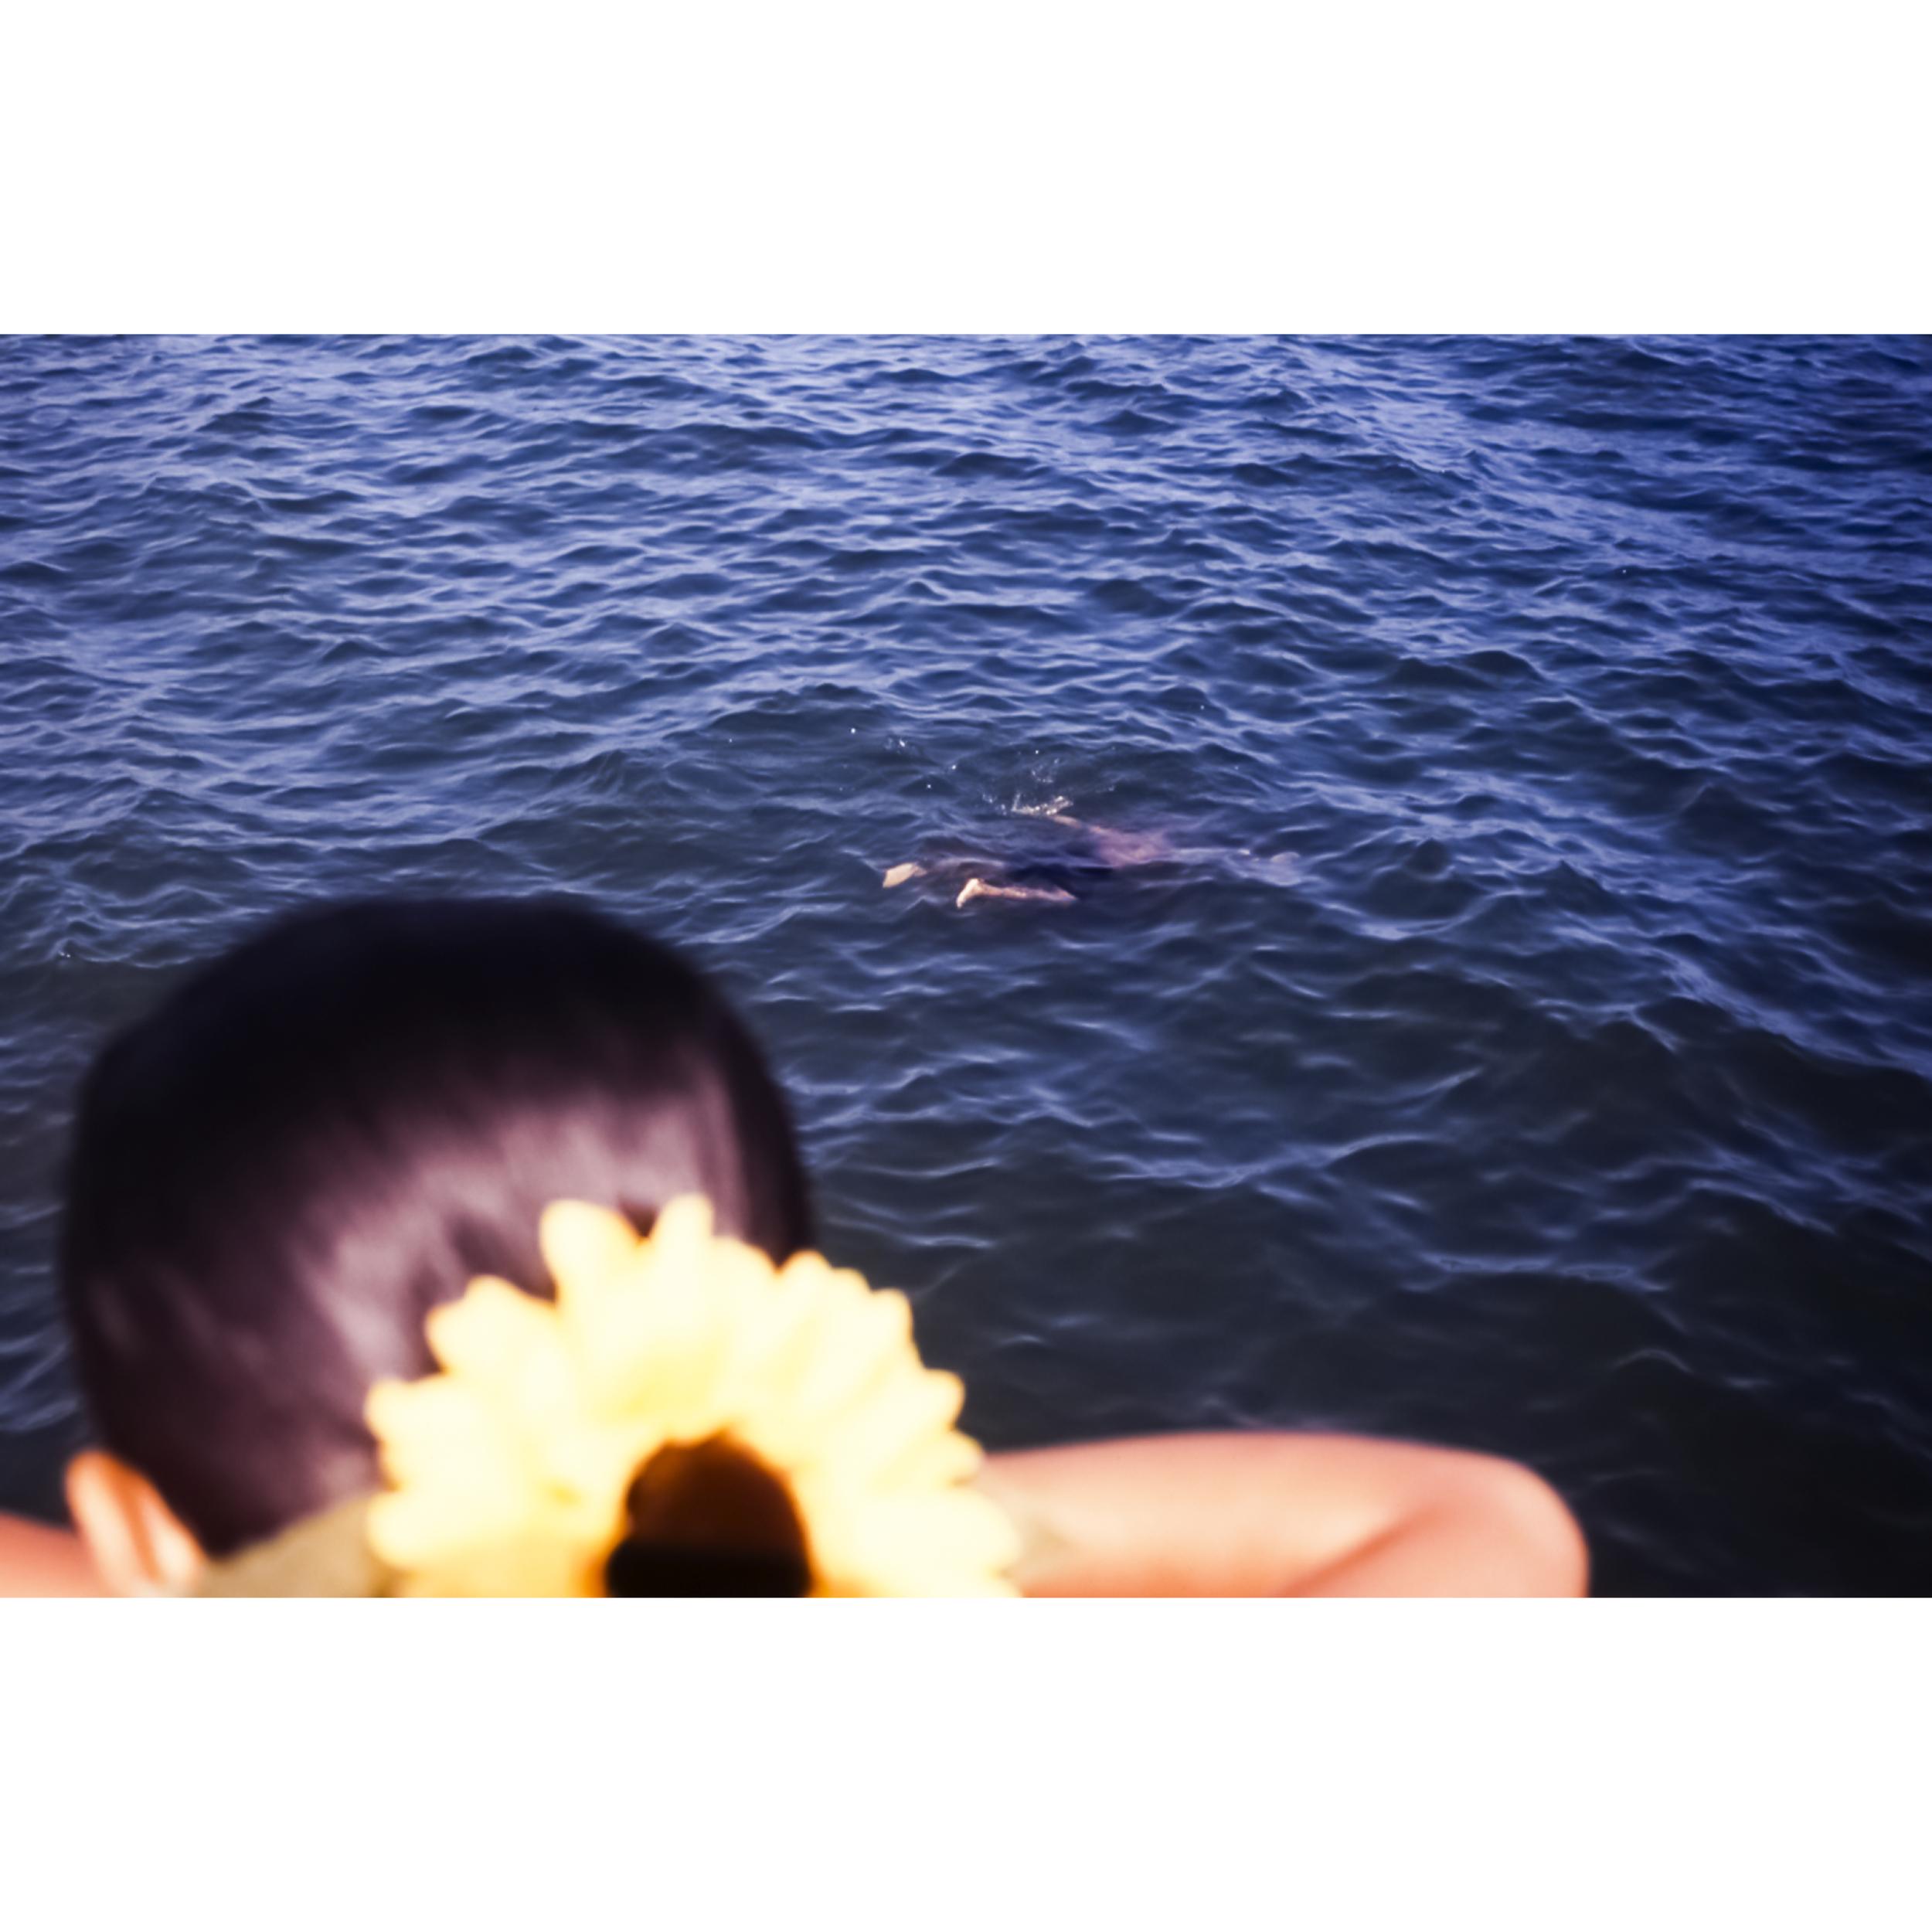 Lightroom (1994.03.CS12.jpg) copy.jpg